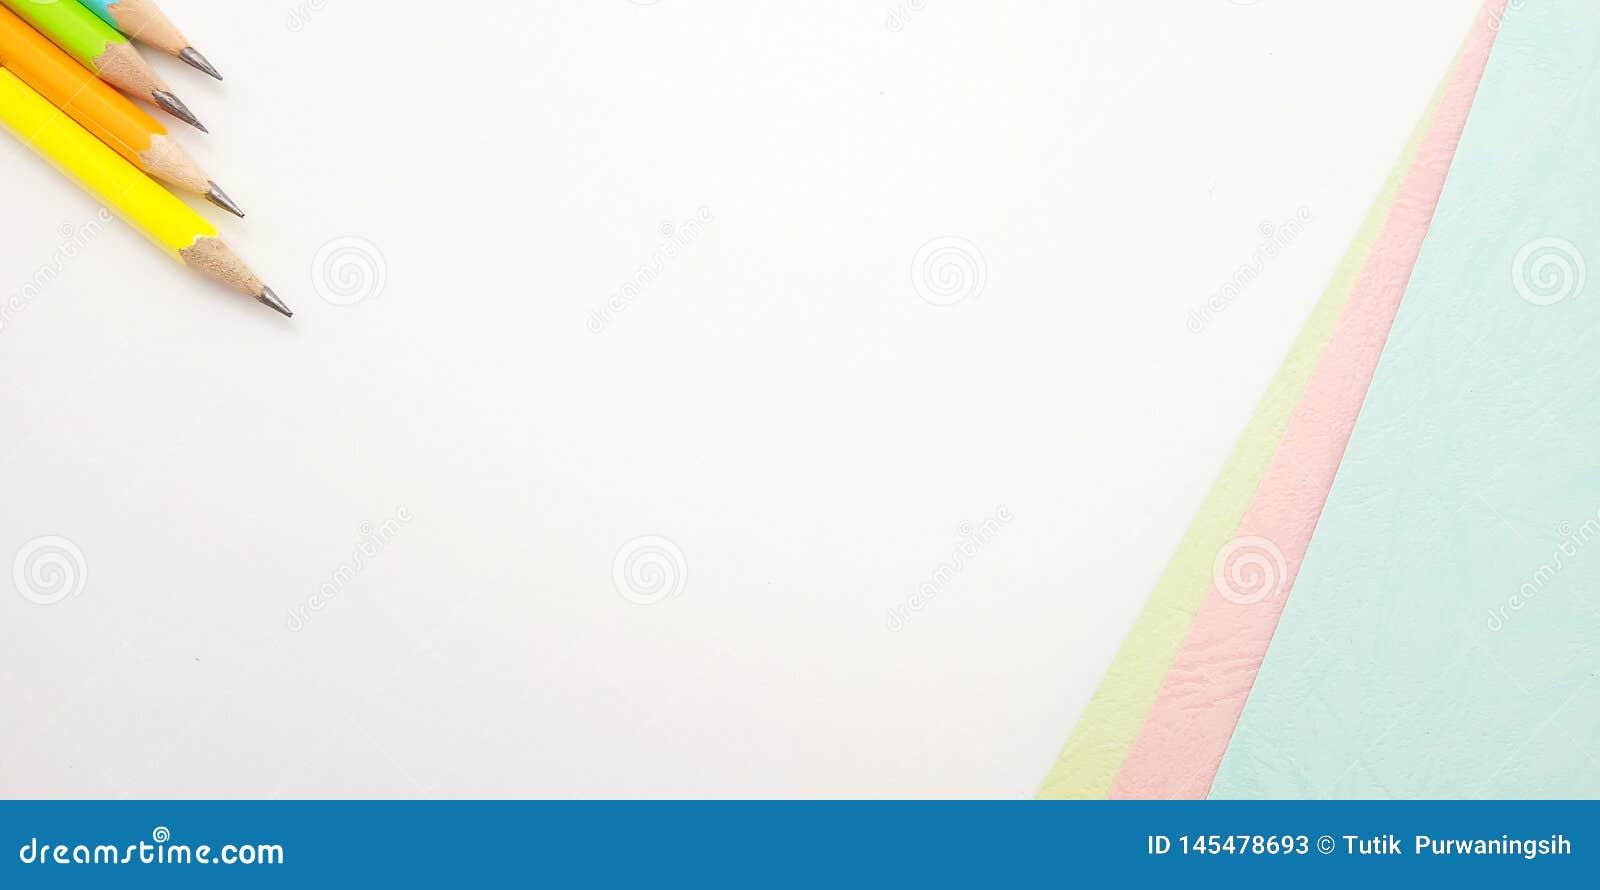 Επίπεδος βάλτε, άσπρο ρόδινο μπλε κενό πρότυπο φωτογραφιών για το σχέδιο στοιχείων υποβάθρου για το μήνυμα, απόσπασμα, τοποθέτηση